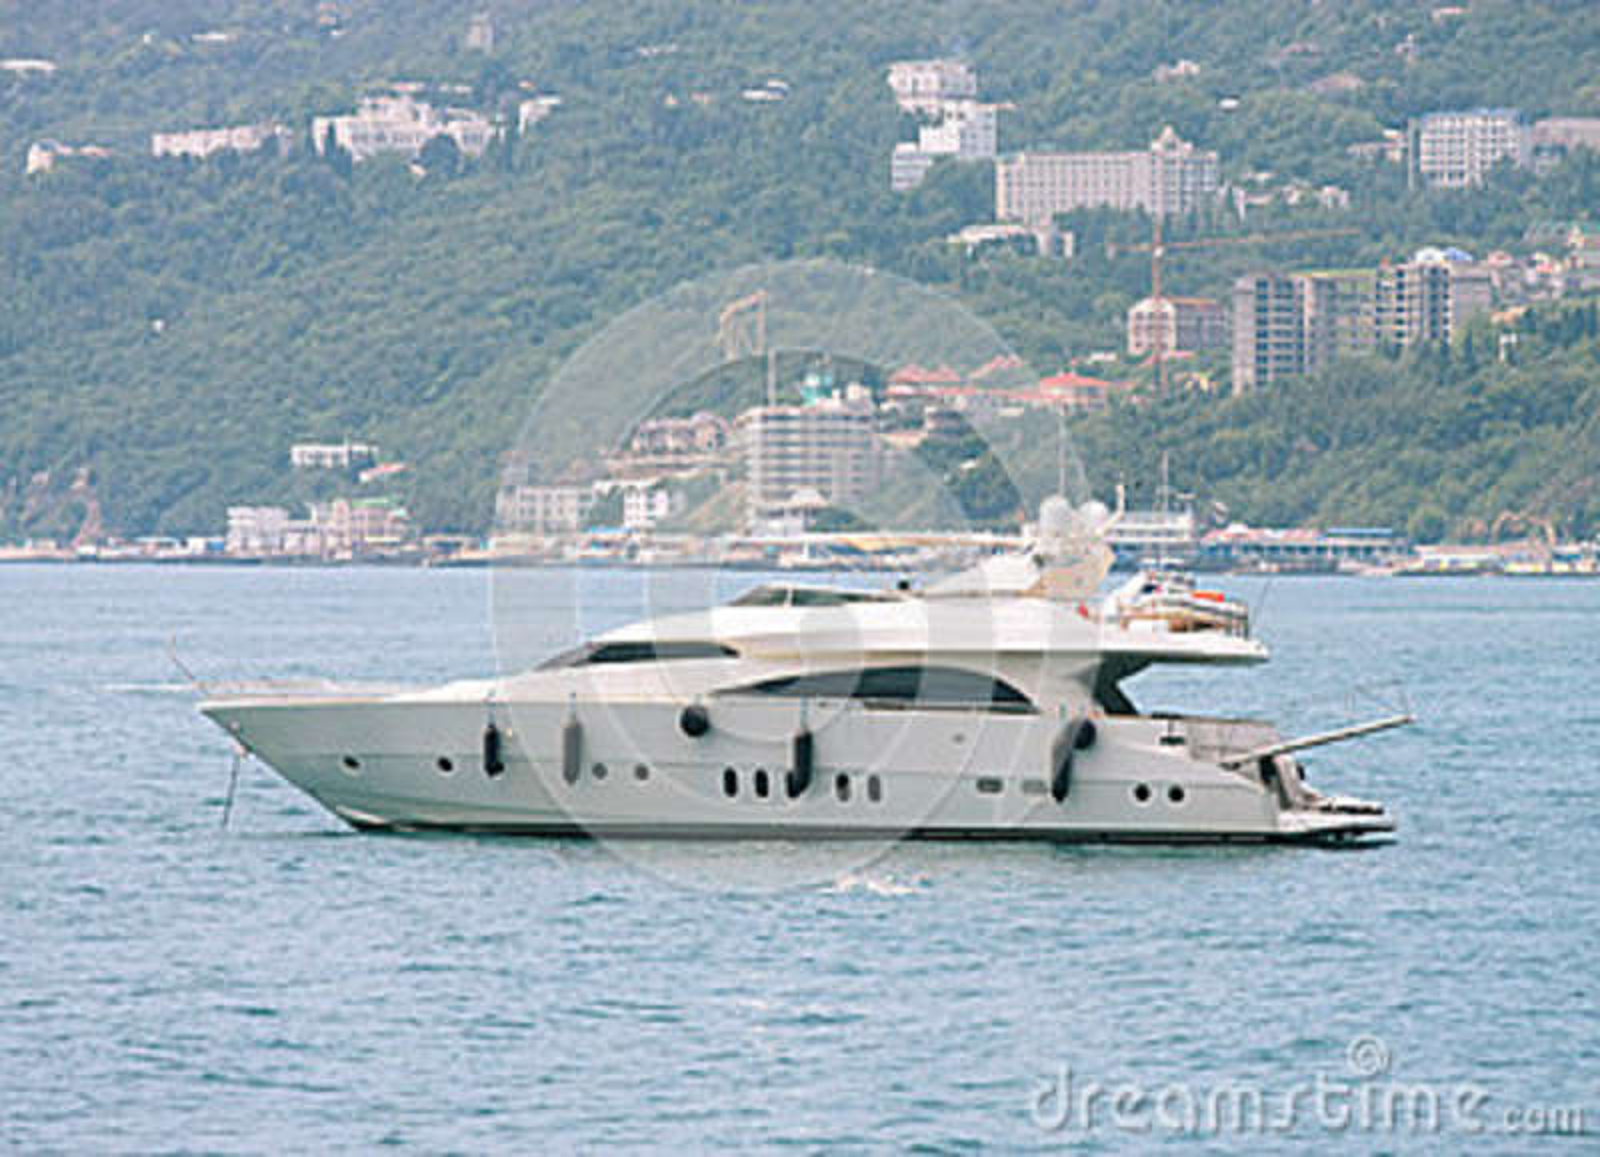 Download Imbarcazione a motore immagine stock. Immagine di nave - 36878013